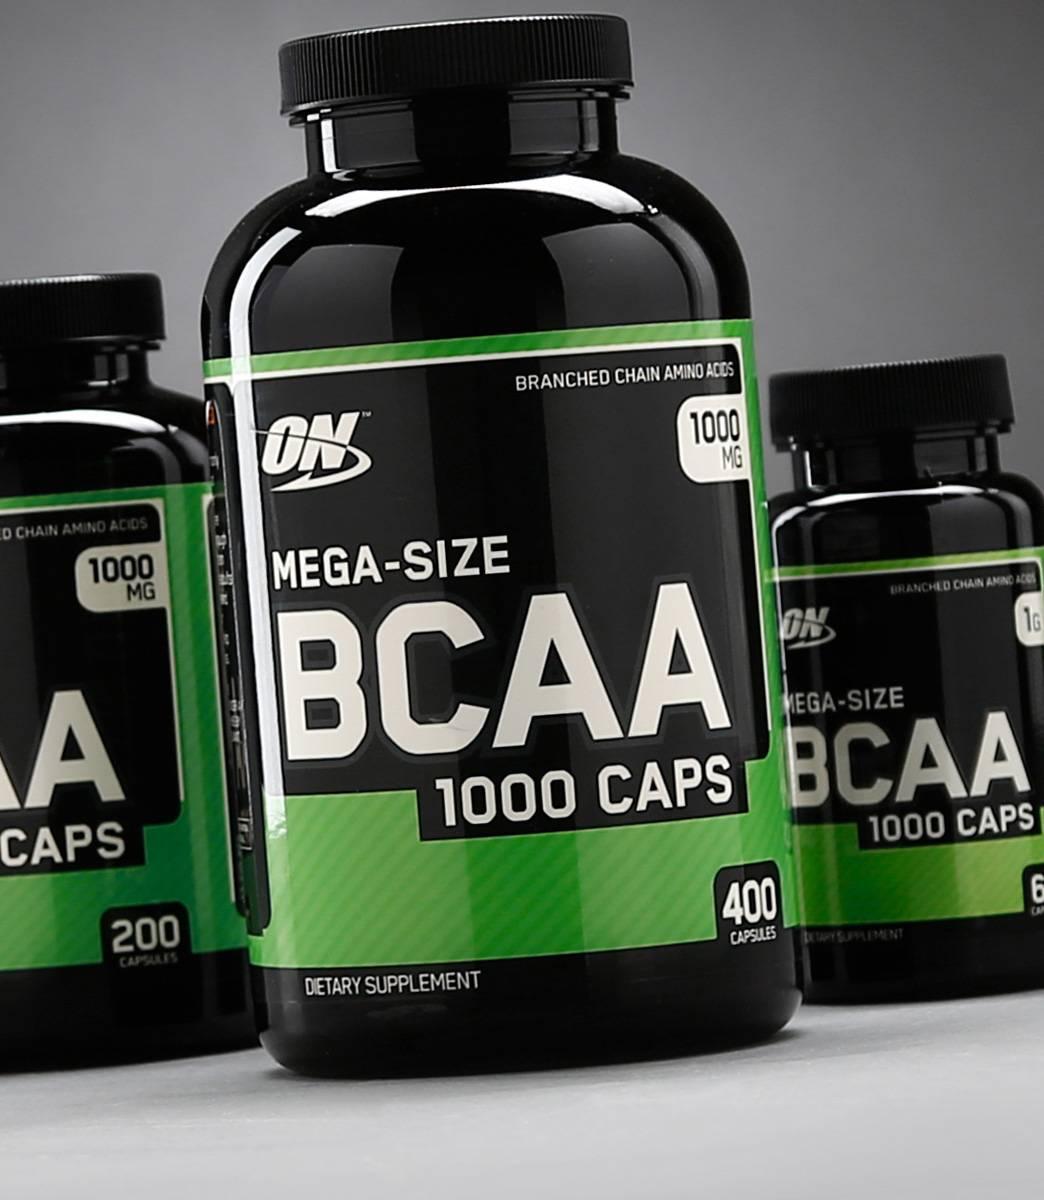 Pro bcaa от optimum nutrition: как принимать, состав, отзывы